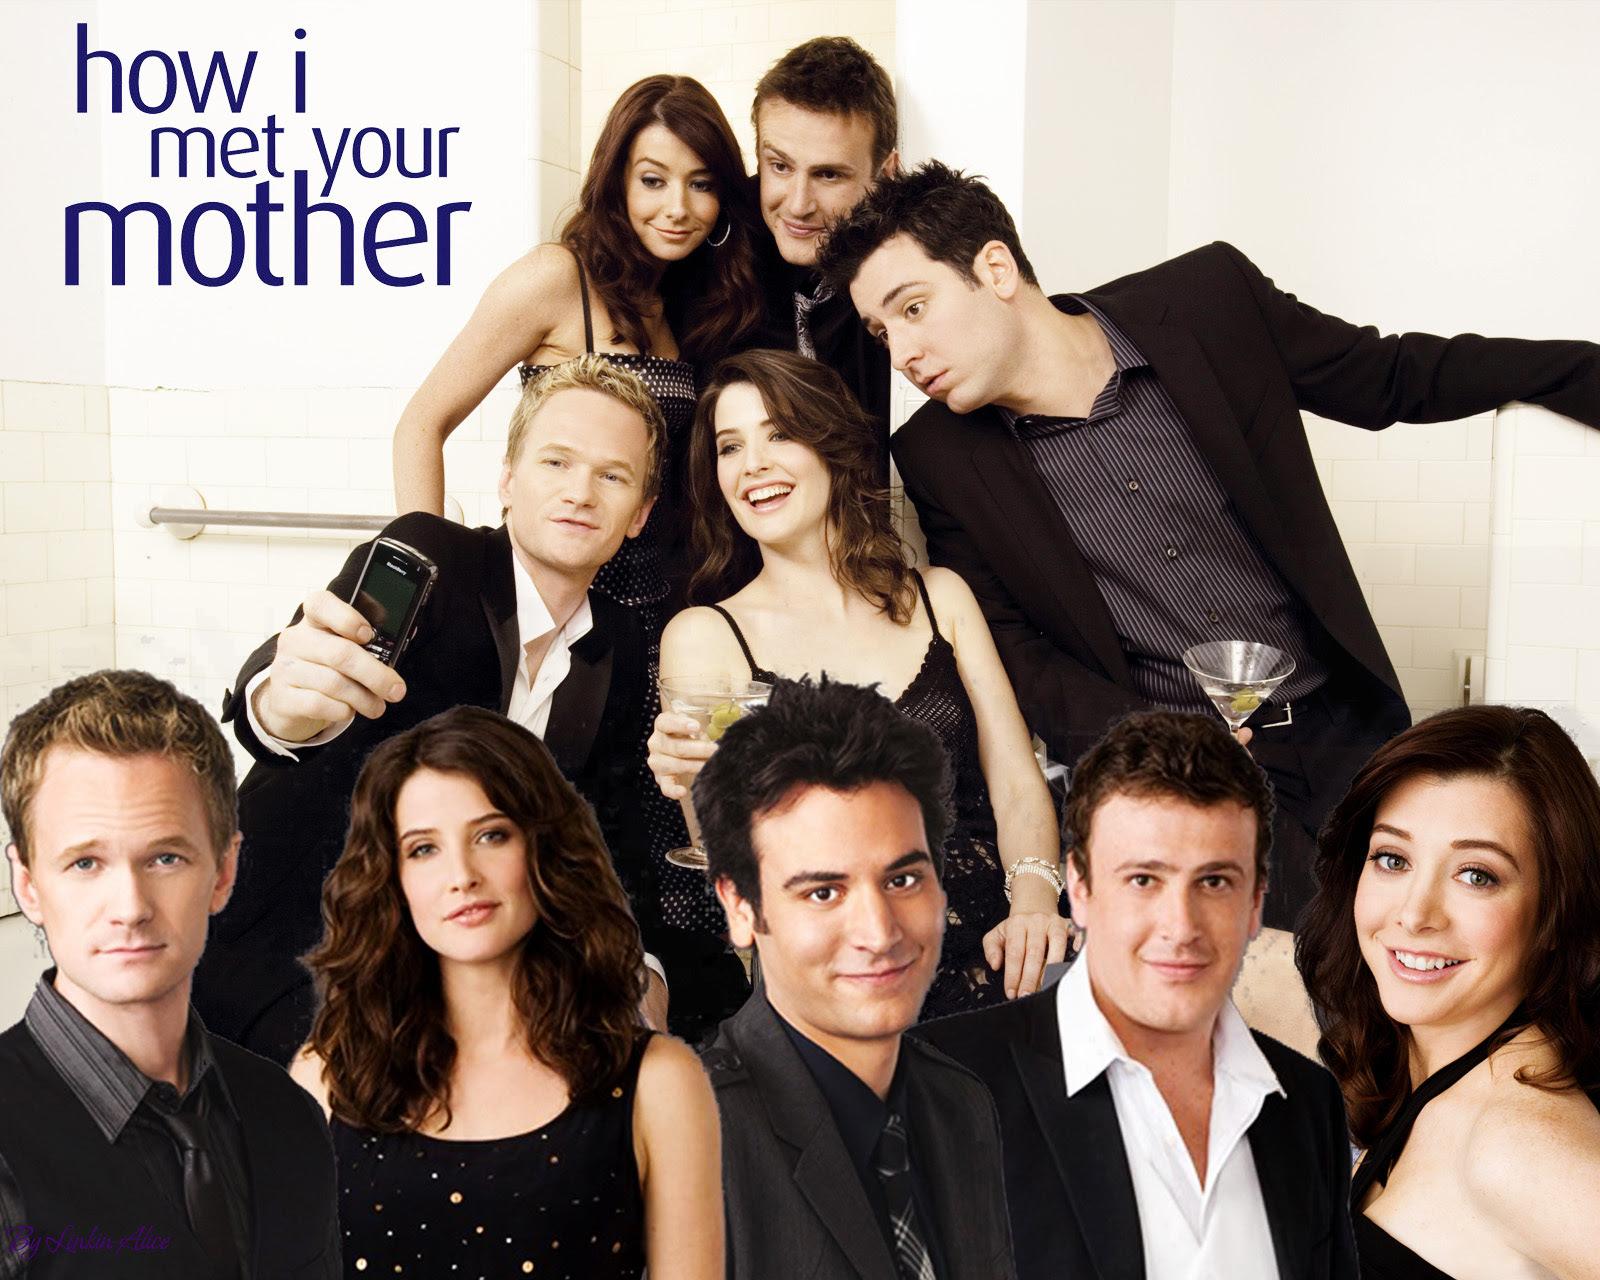 Himym How I Met Your Mother Wallpaper 20633153 Fanpop